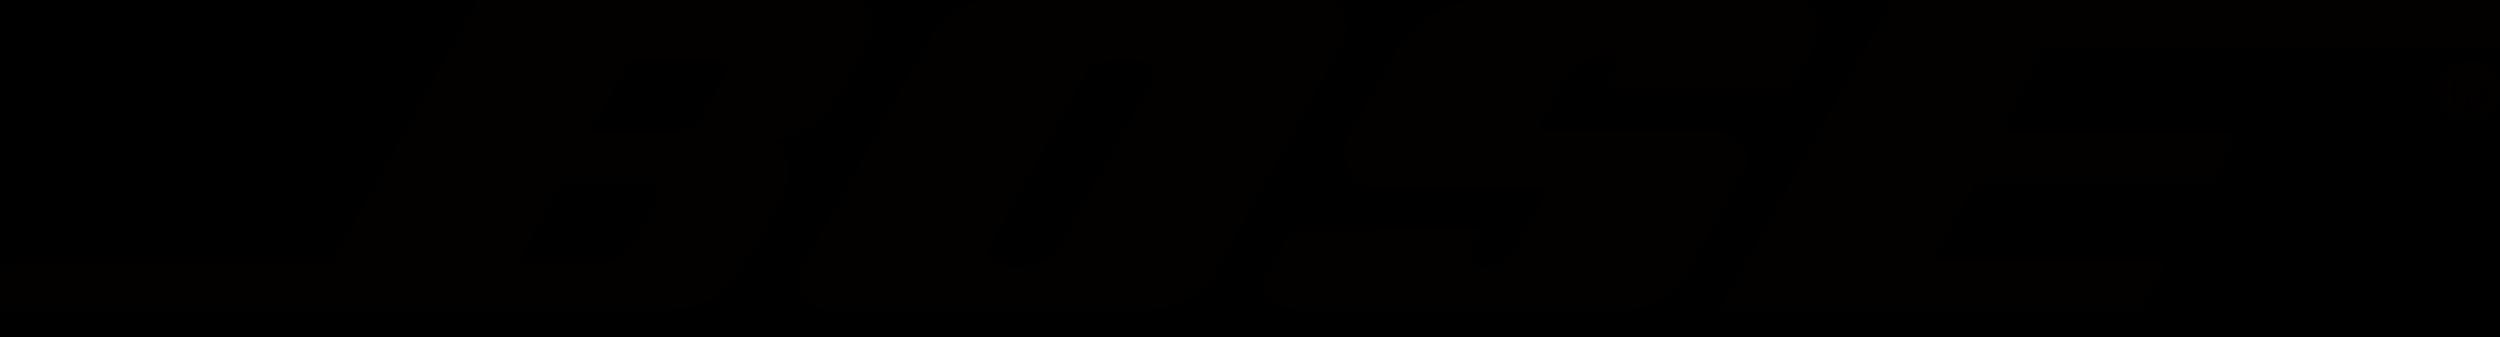 bose-symbol-png-logo-3.png